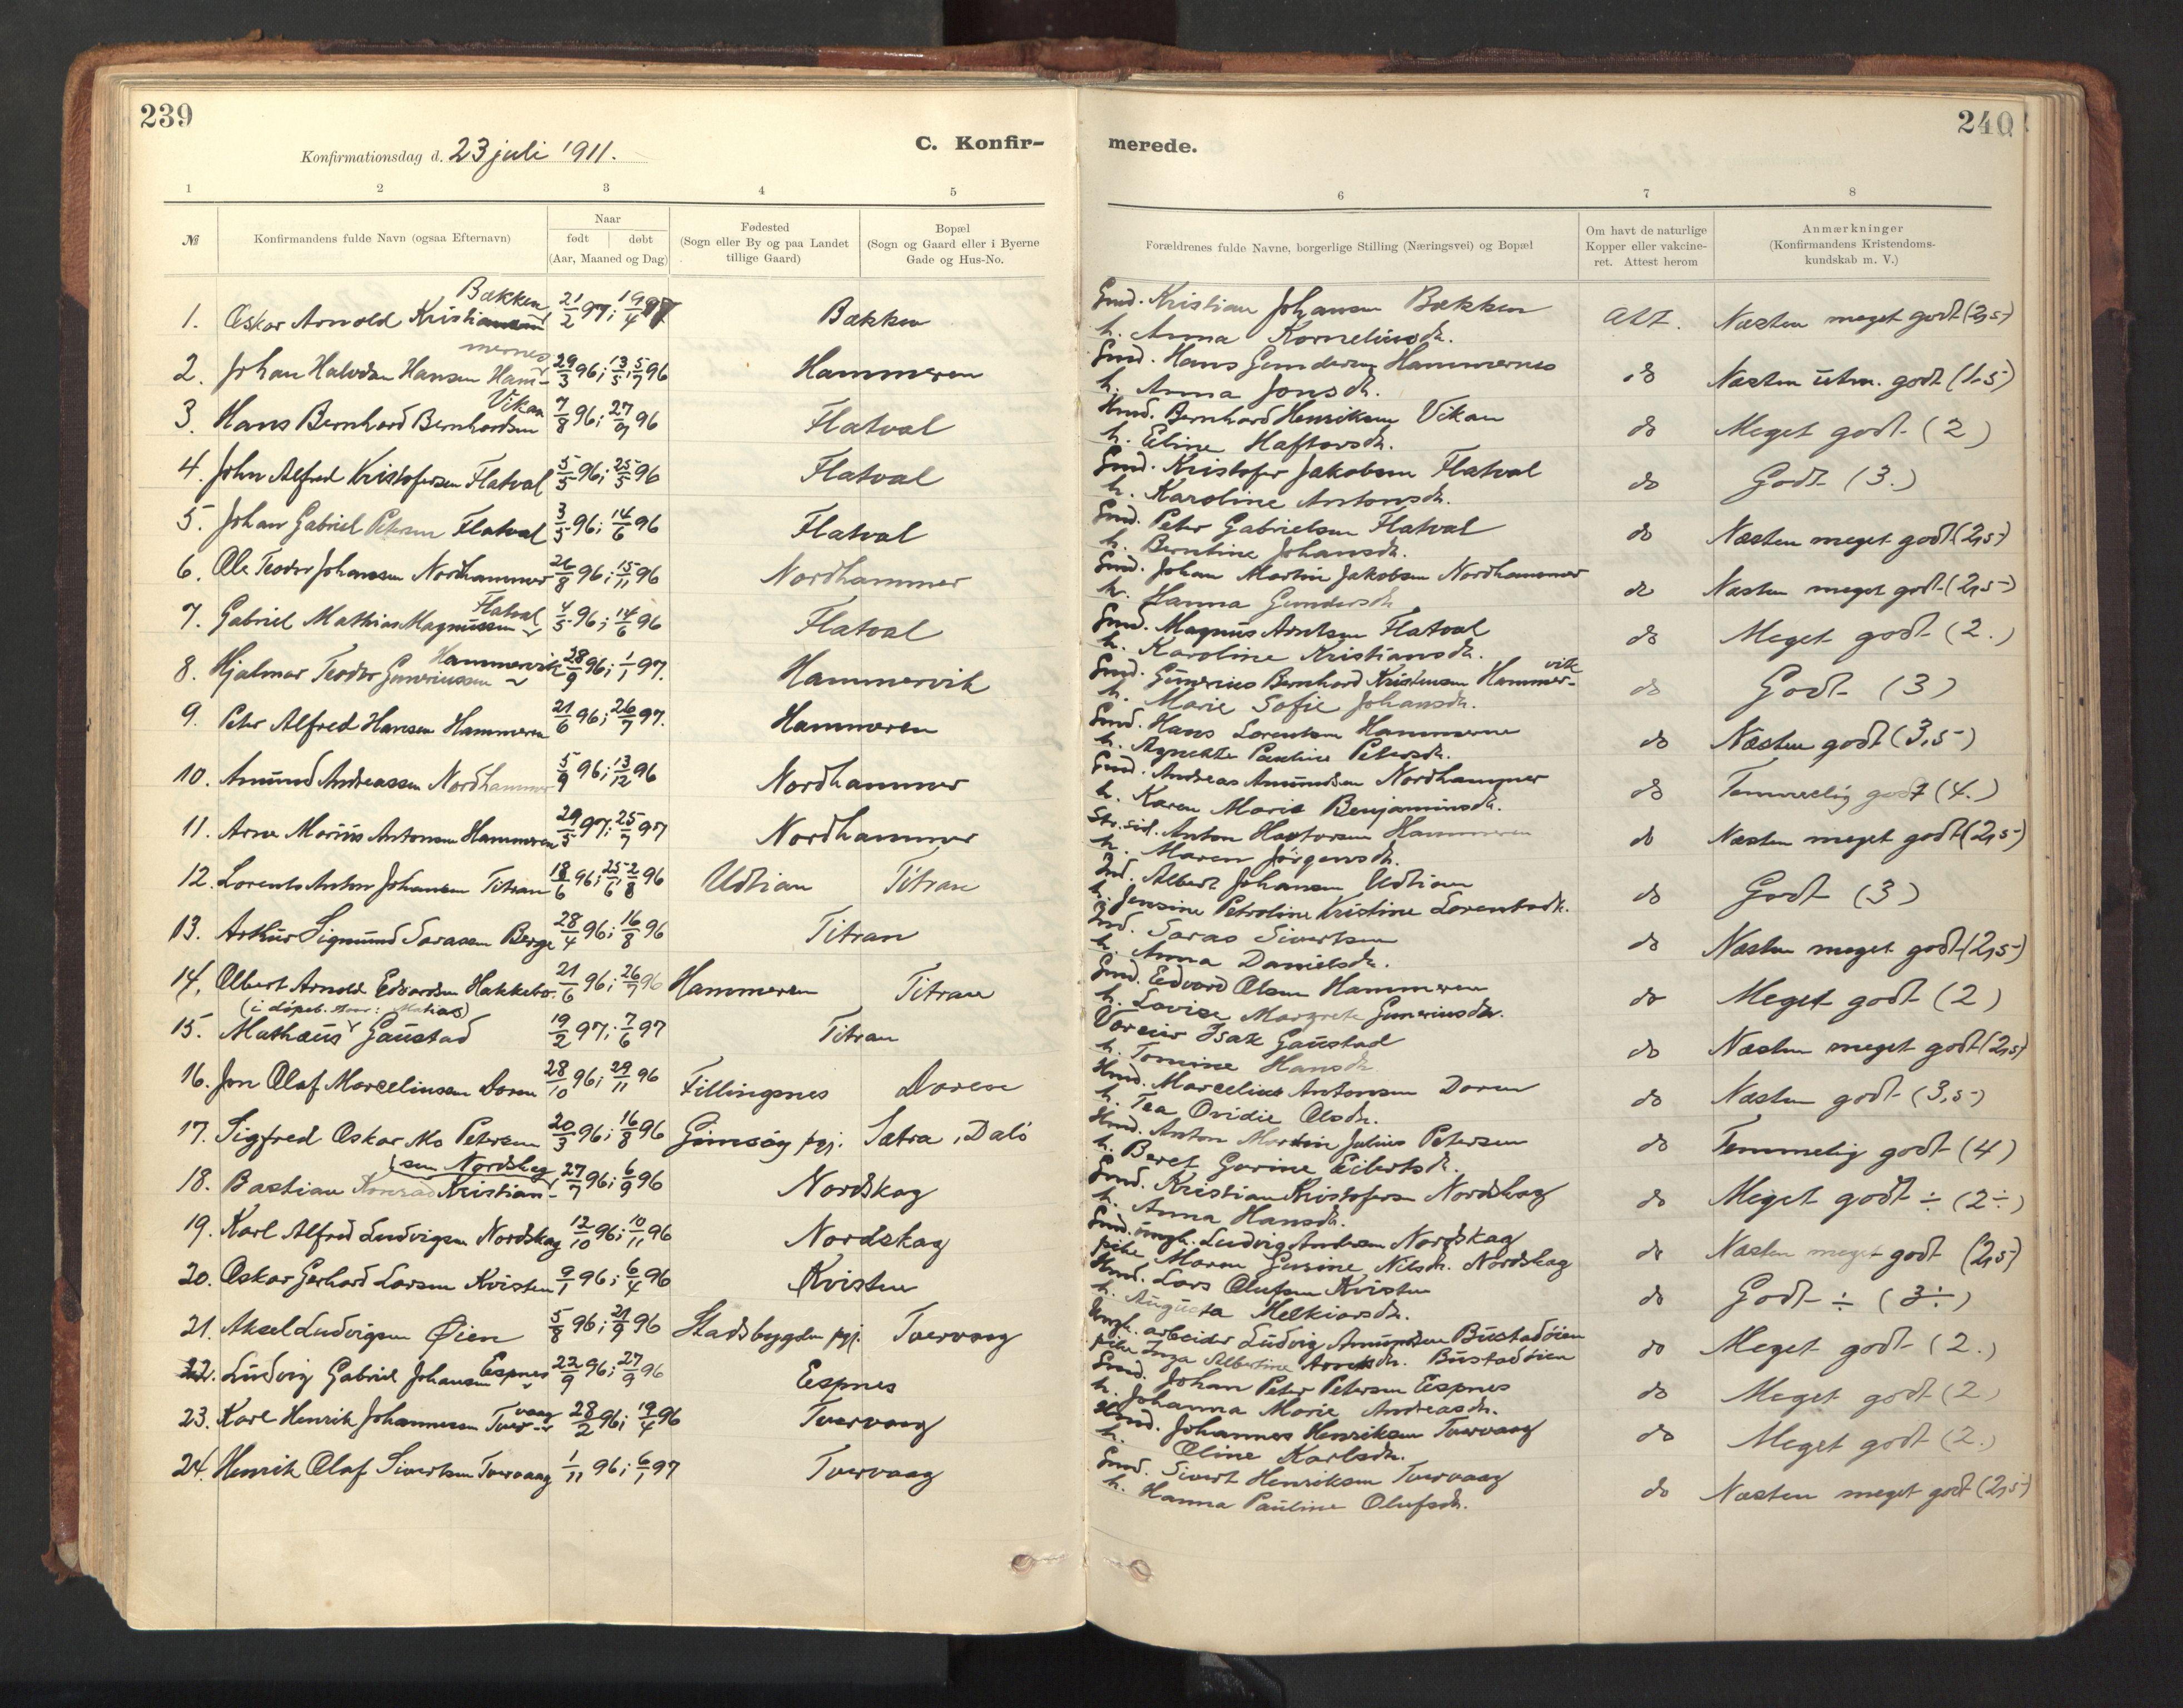 SAT, Ministerialprotokoller, klokkerbøker og fødselsregistre - Sør-Trøndelag, 641/L0596: Ministerialbok nr. 641A02, 1898-1915, s. 239-240